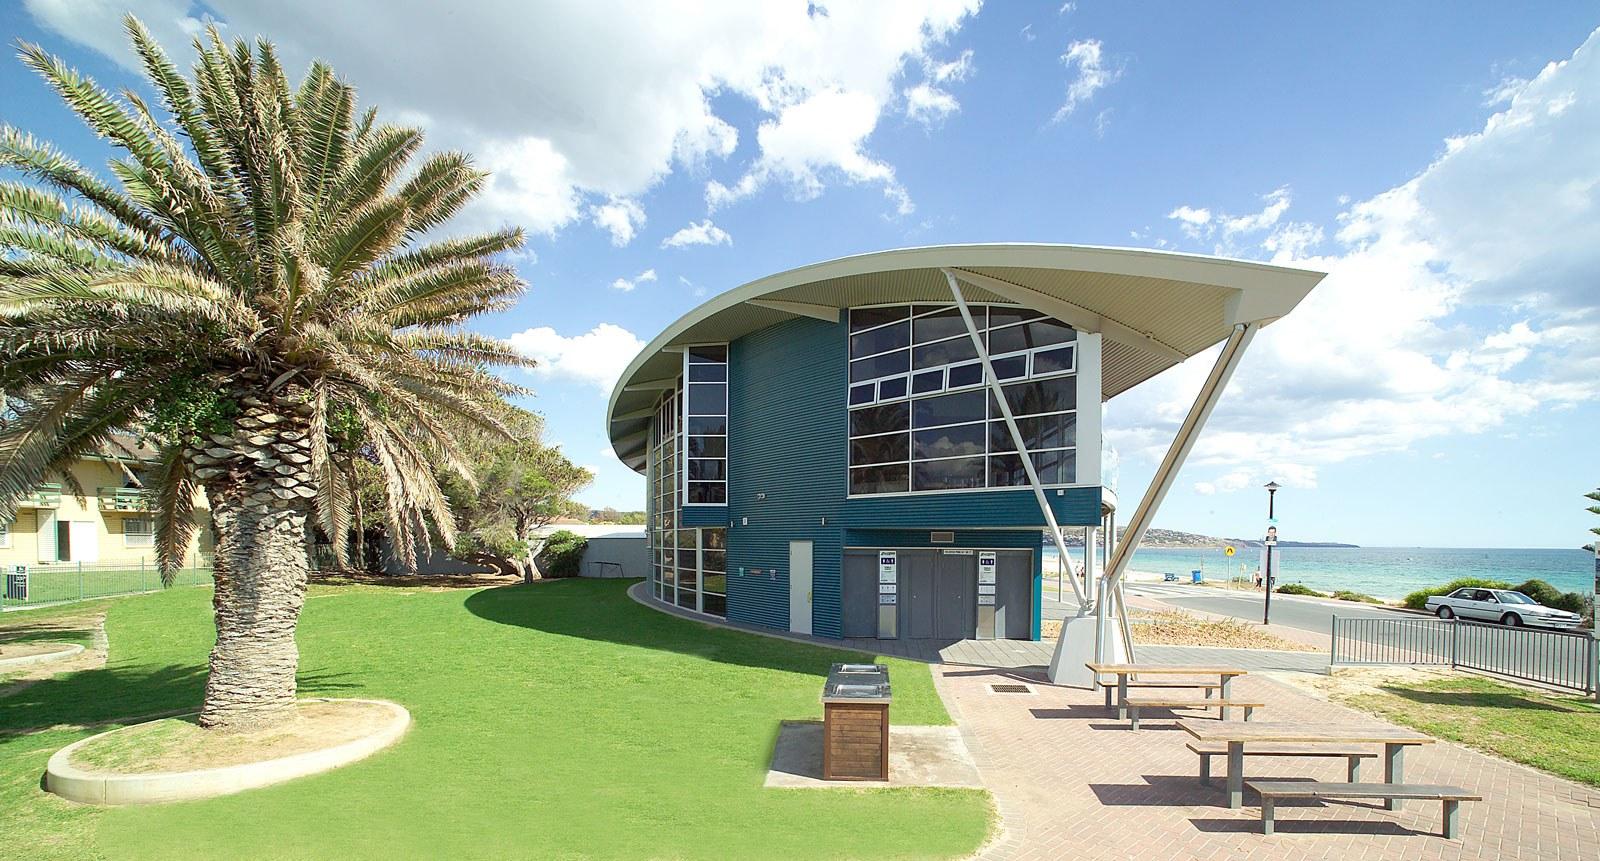 Brighton Surf Life Saving Club